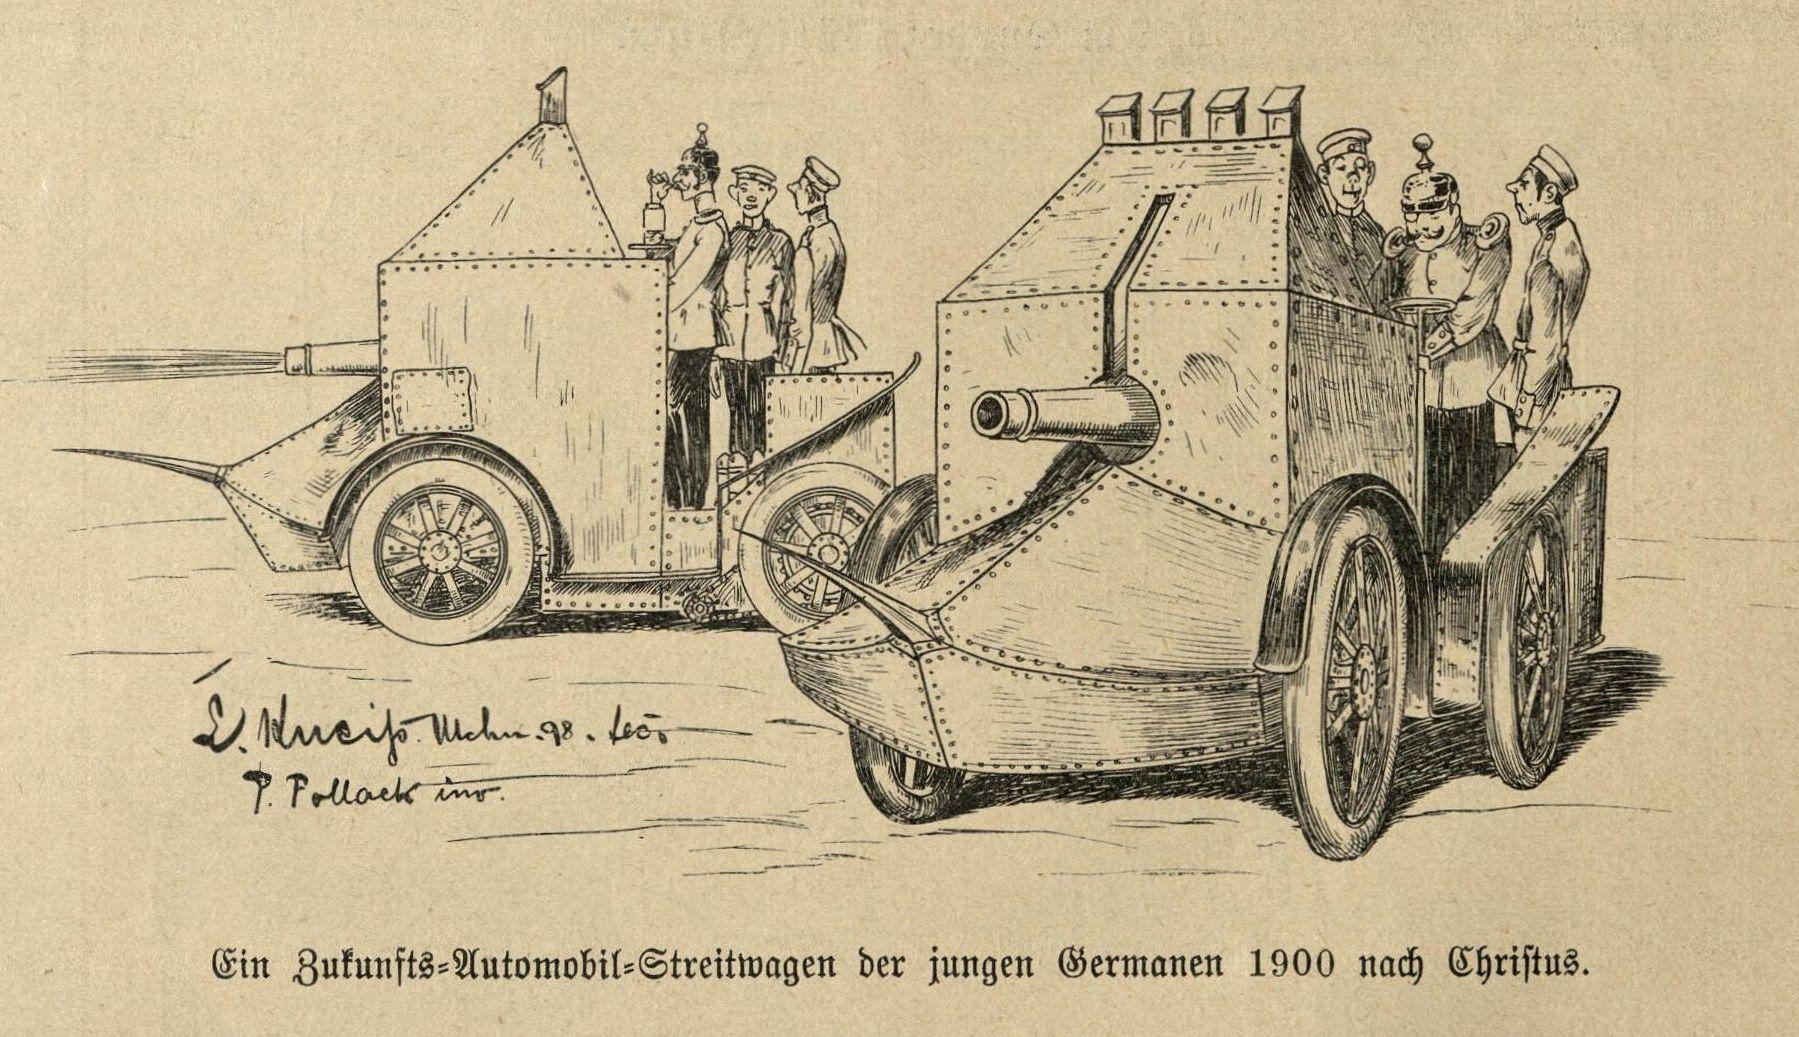 Bild: Ein Zukunfts=Automobil=Streitwagen der jungen Germanen 1900 n.C.